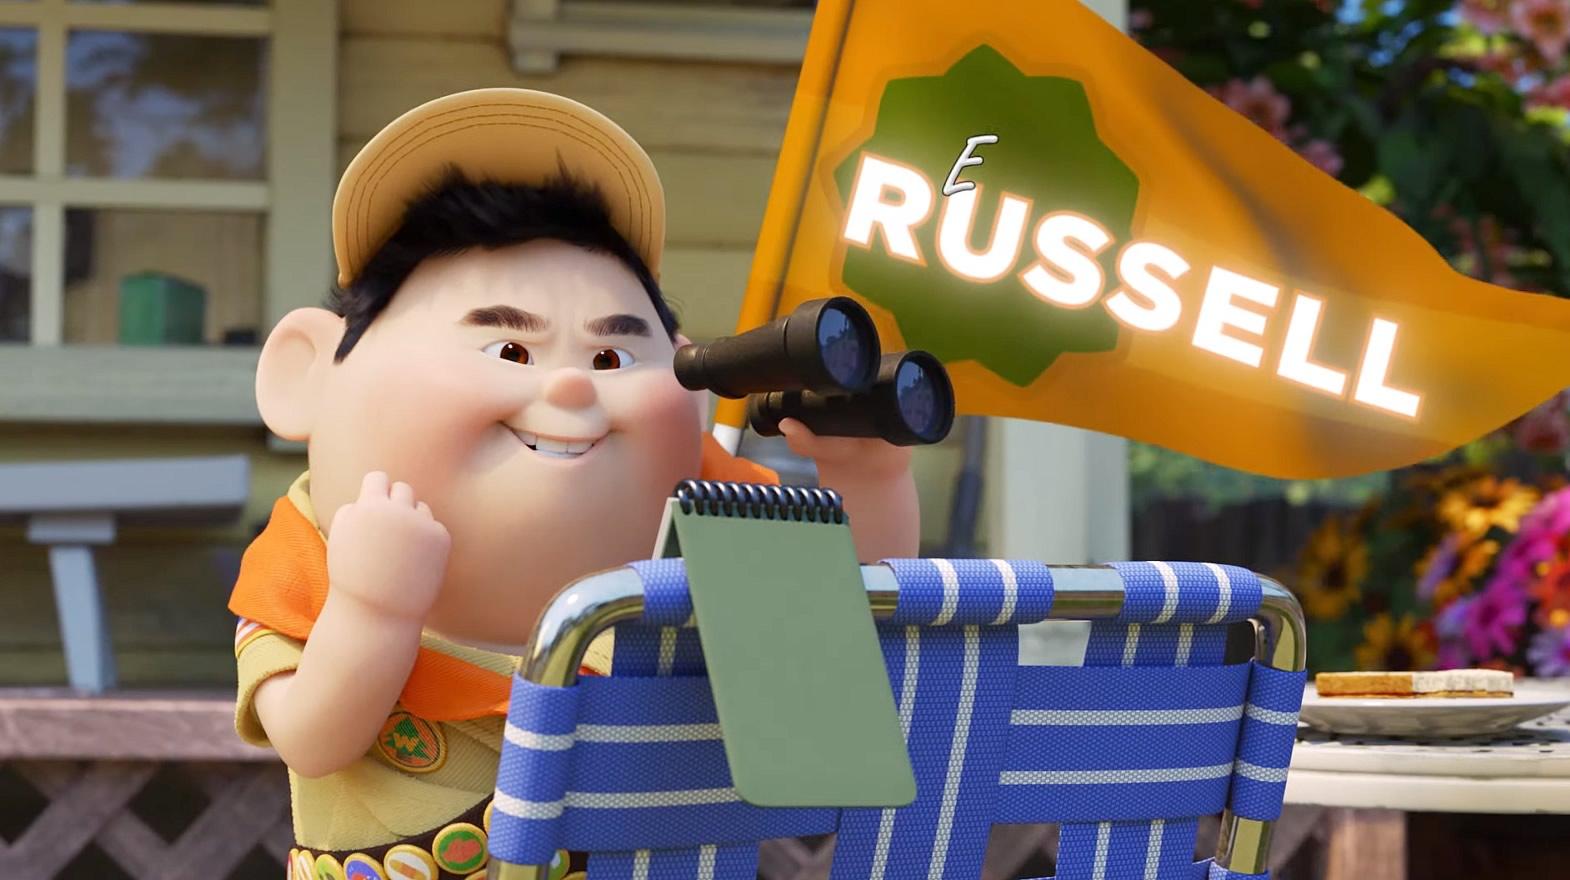 A Vida de Dug   Trailer dos curtas da Pixar do universo de UP e as aventuras de DUG